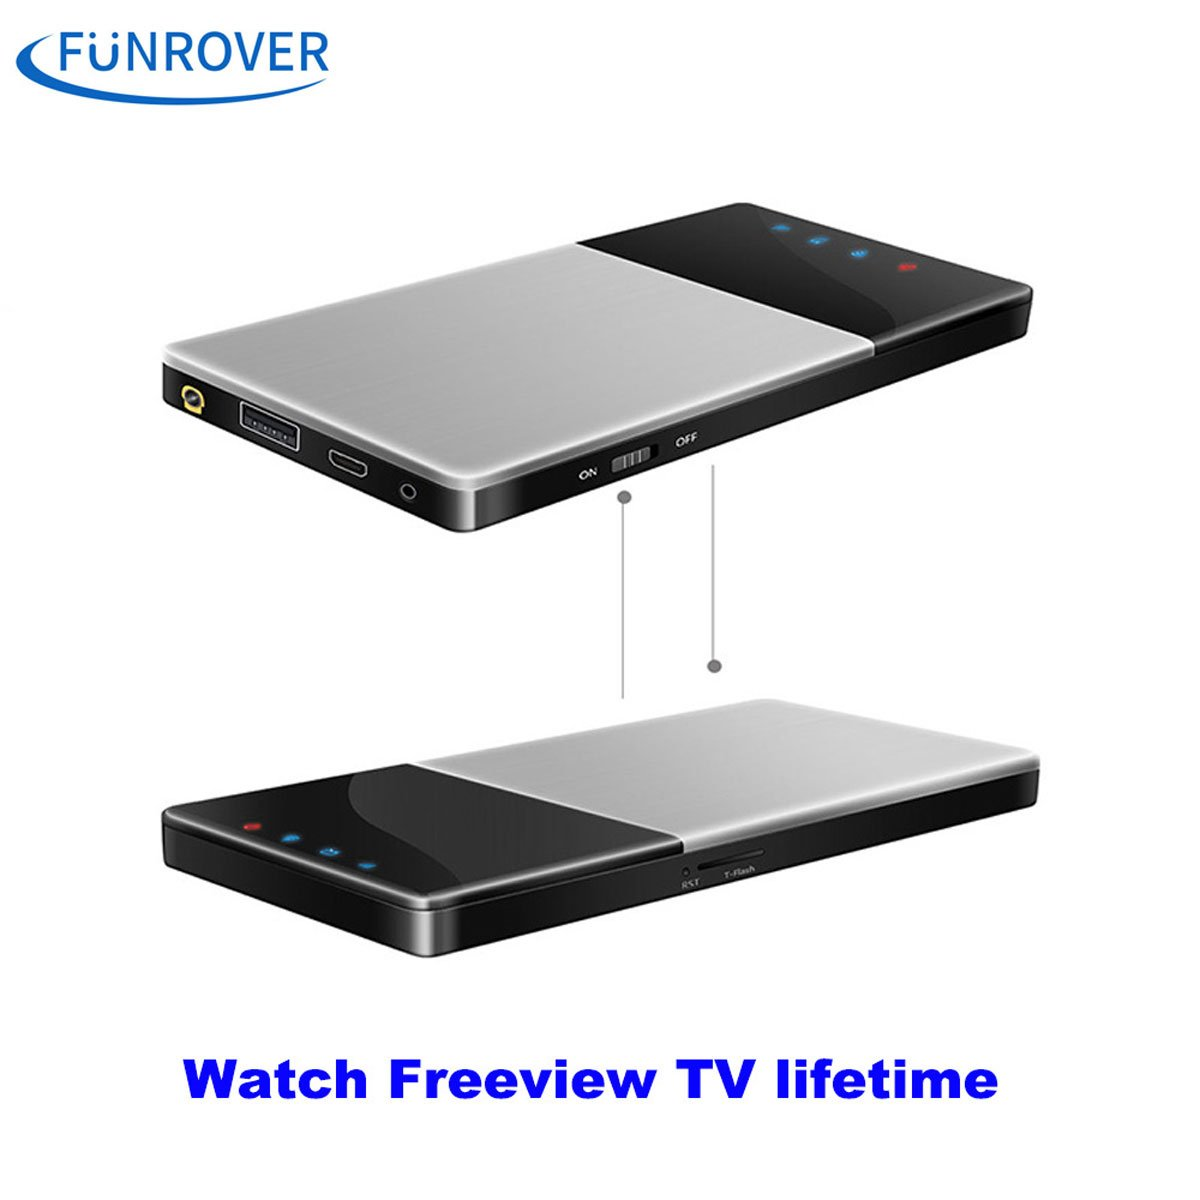 funrover WiFi TV Box DVB-T/T2 TV Digital HD para el coche/Home/al aire libre portátil IOS 10 Android 5.1 estéreo de radio de coche sintonizador de TDT Receptor con Antena: Amazon.es: Electrónica